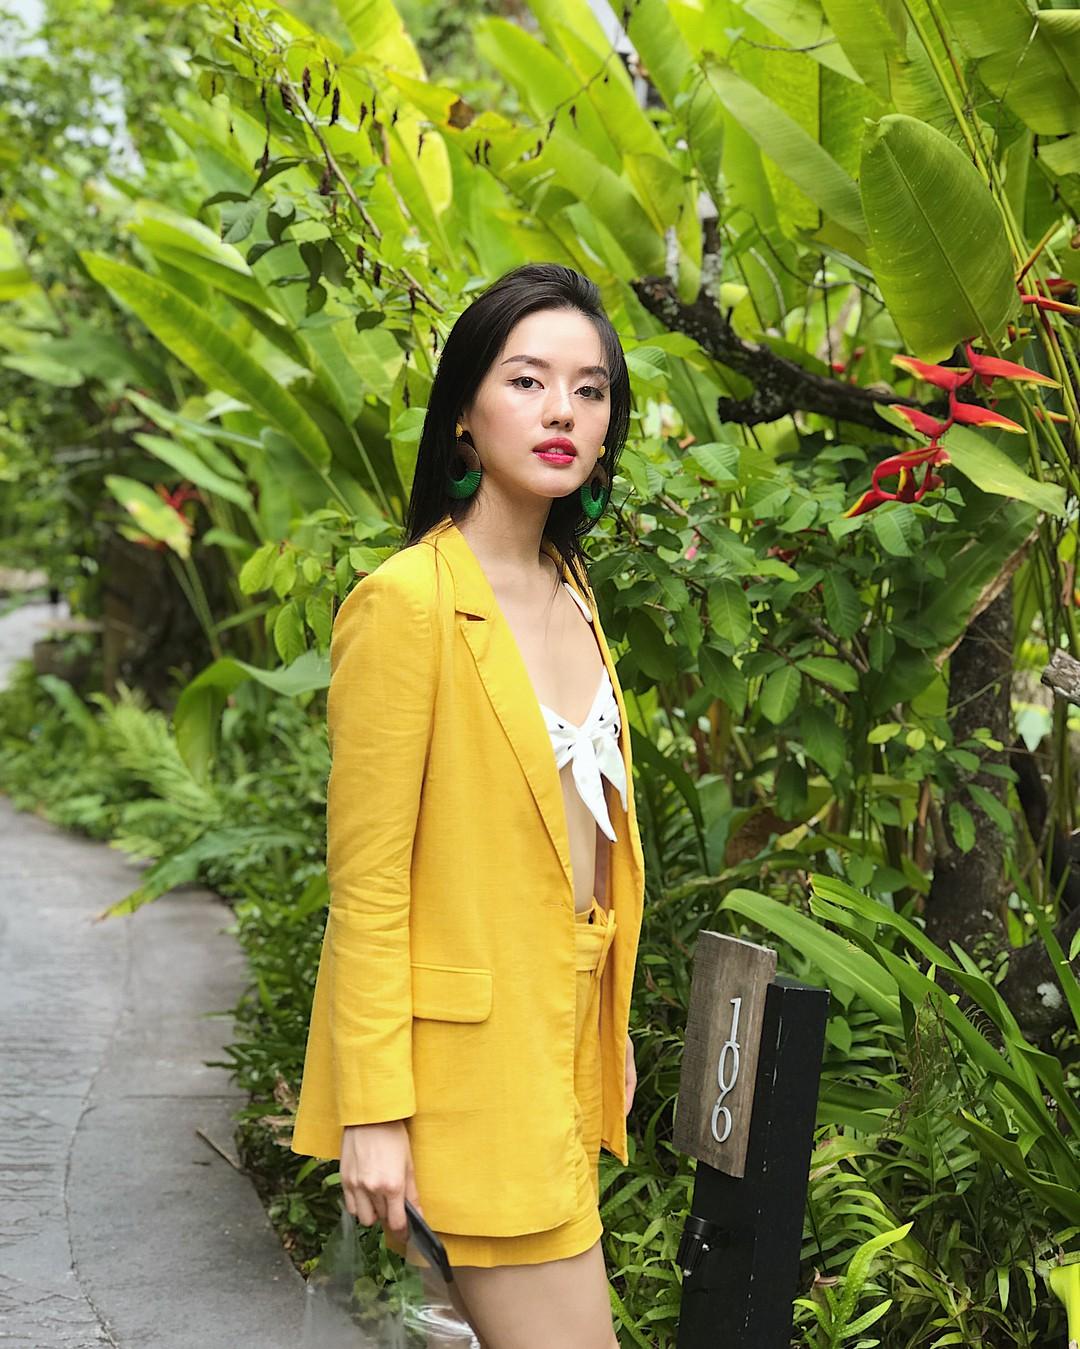 Học theo Kate Middleton và Meghan Markle, các người đẹp Việt cũng đua nhau diện gam màu vàng tươi nắng hè - Ảnh 12.